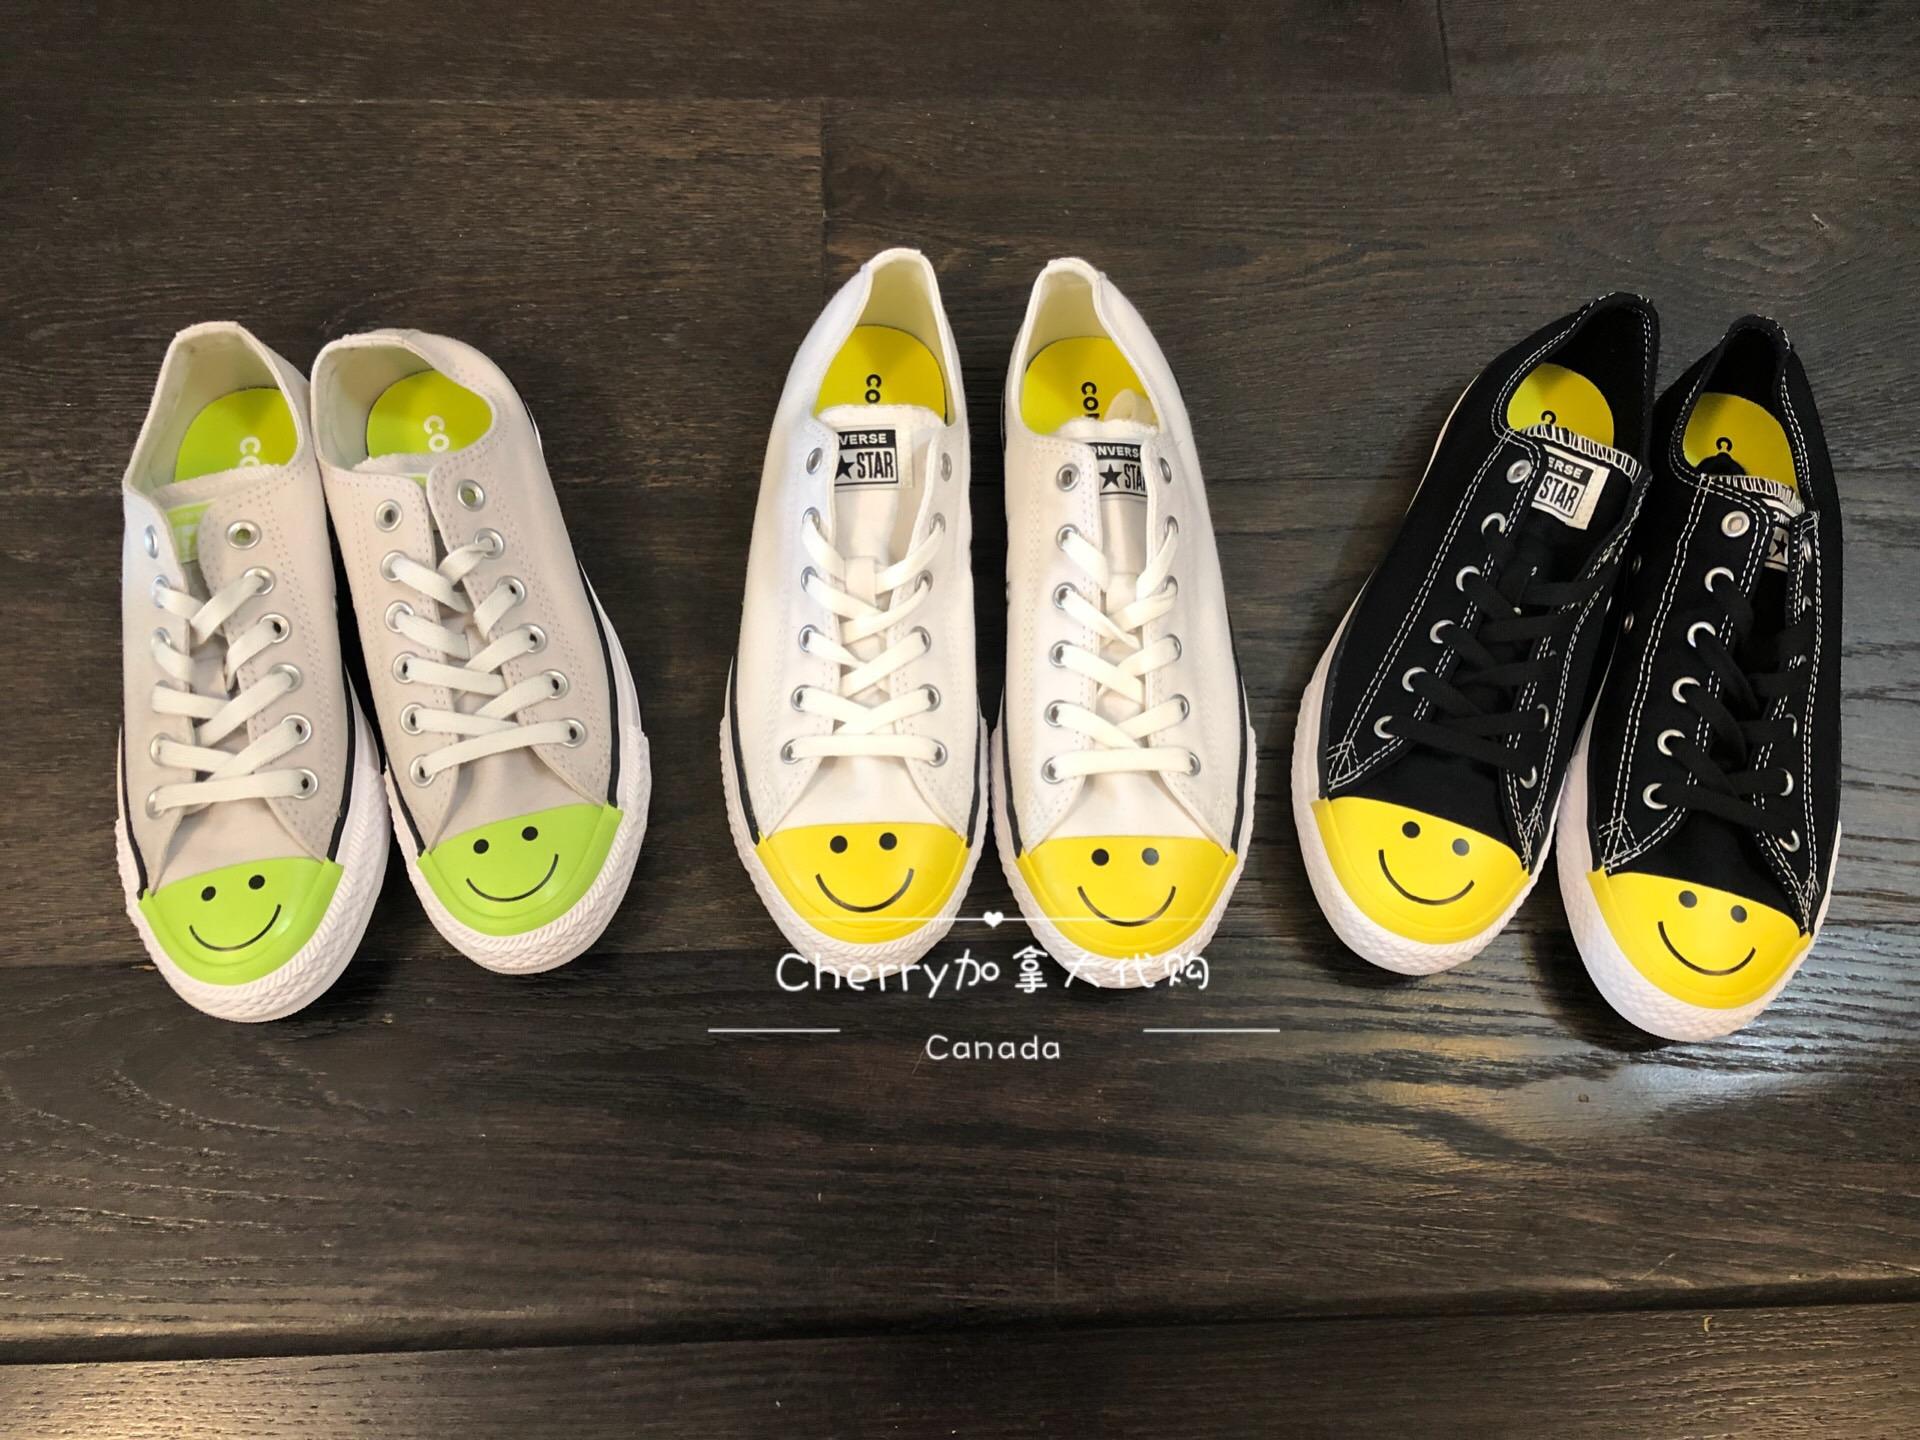 Canada mua thư trực tiếp Converse converse giày vải thấp để giúp ngọc trai sáng đầu cười - Plimsolls